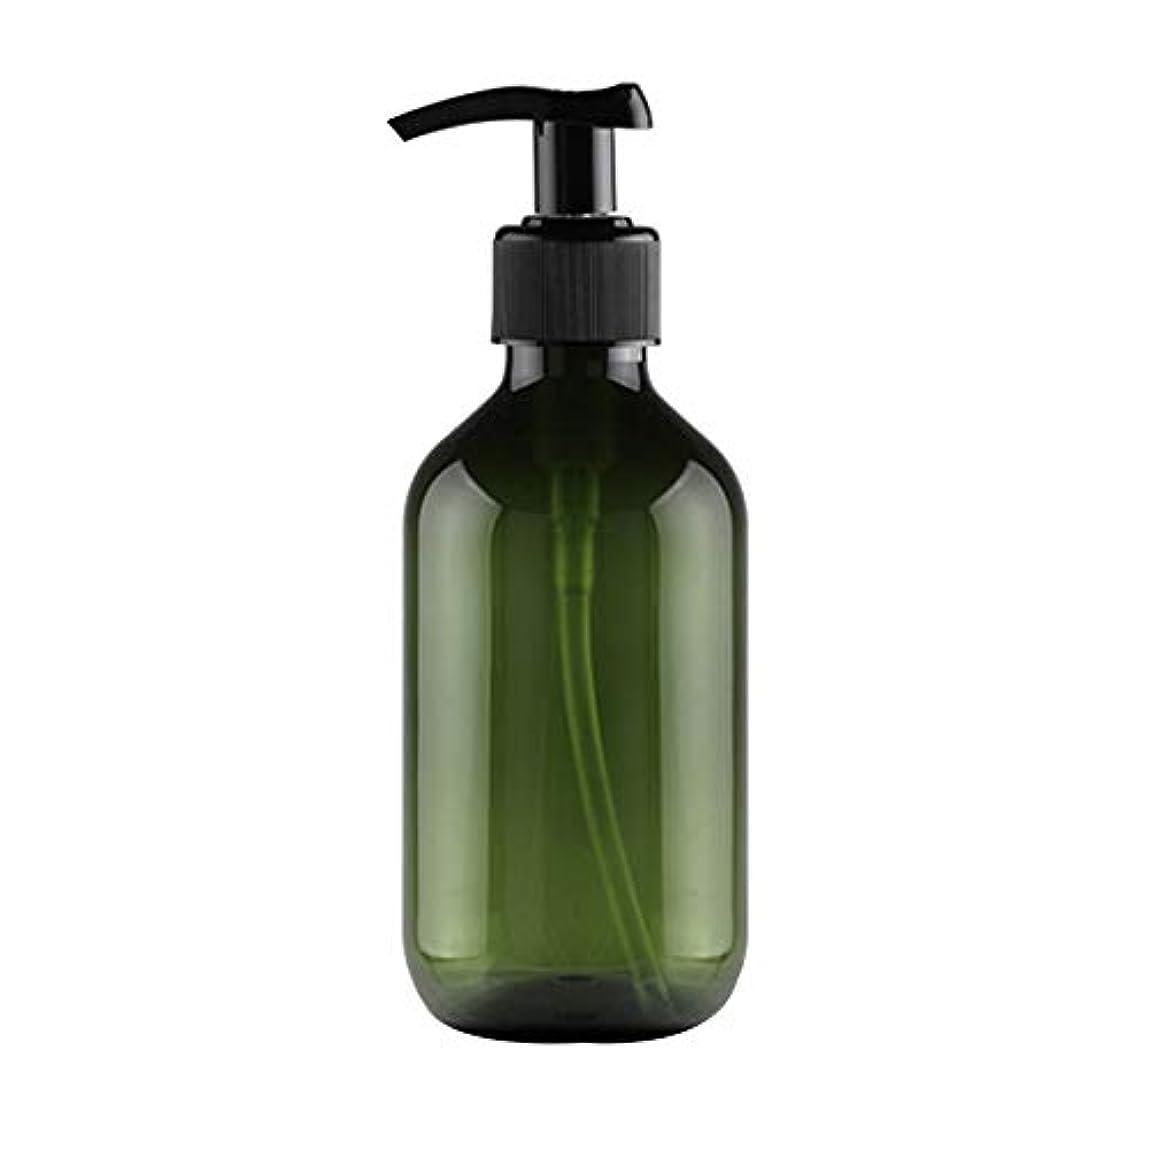 石油息を切らしてバッジVi.yo 小分けボトル ポンプボトル 押し式詰替用ボトル 携帯用 旅行 出張用 シャンプー 乳液など入り トラベルボトル 300ml ダークグリーン